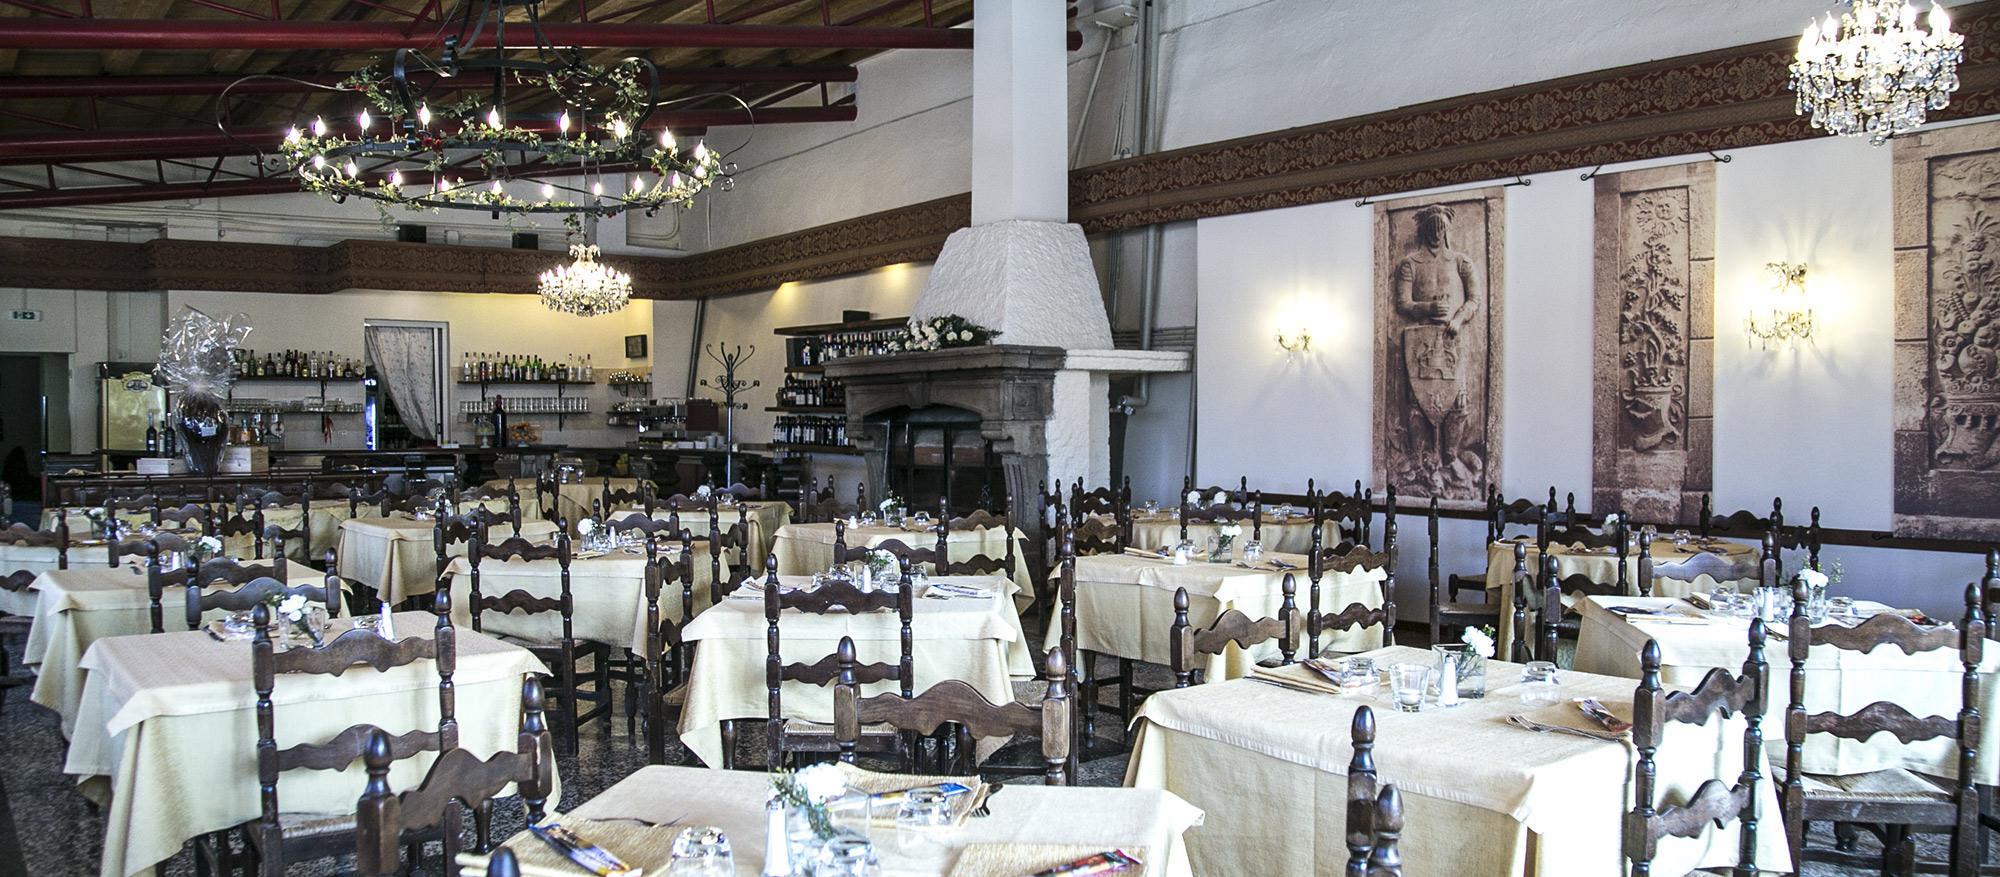 8aa61da1df34 Ristorante Milano provincia Cassano d Adda - Julia Hotel Ristorante ...